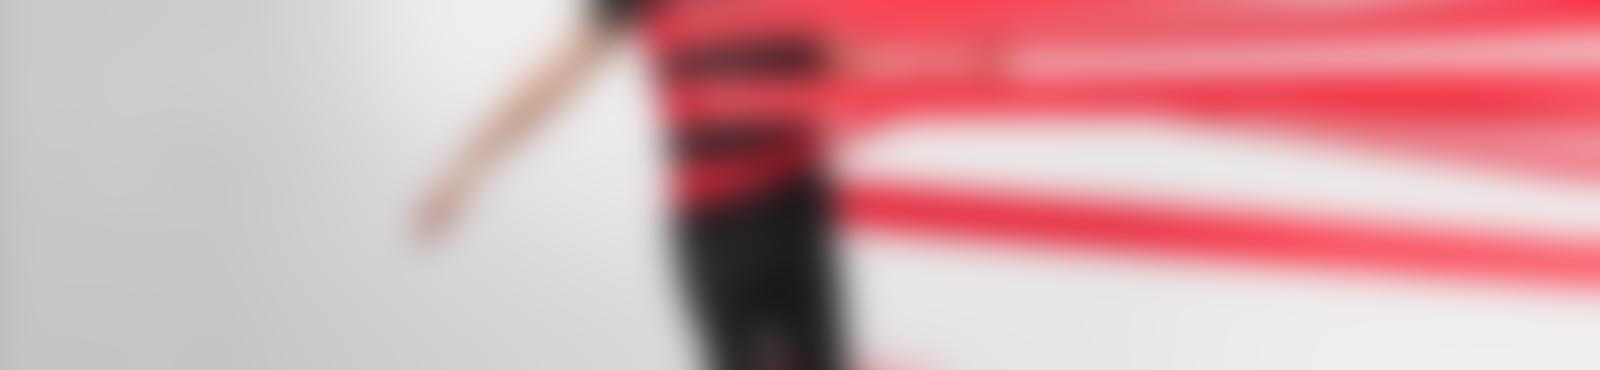 Blurred 3e28df59 a2ab 405c bf08 44b87bd6ffb3